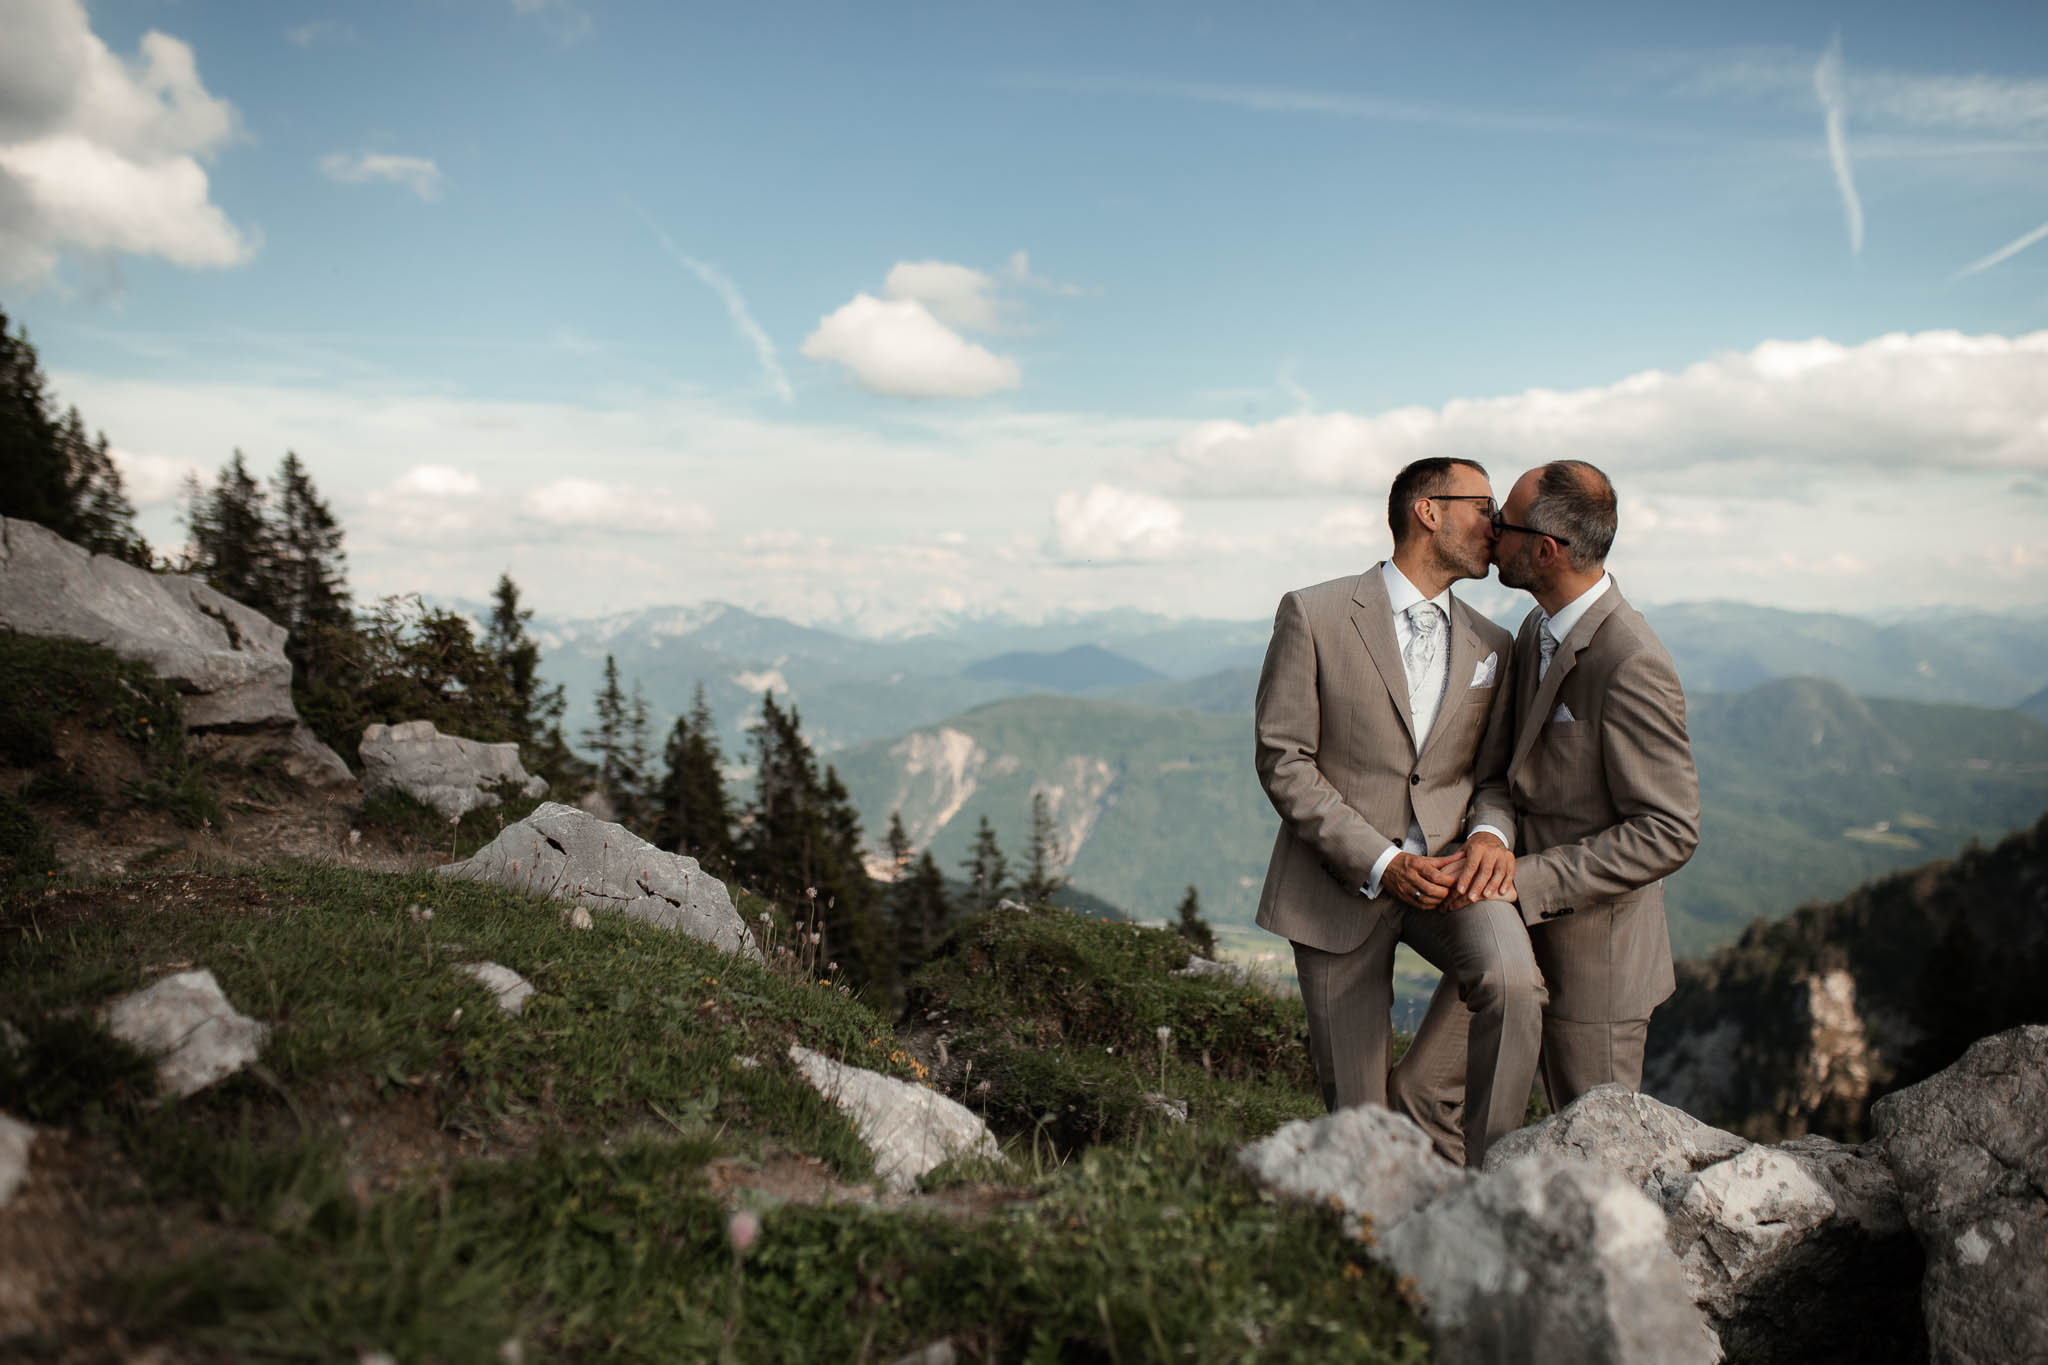 Hochzeitsfotograf Alpen, Chiemgau: freie Trauung von Dennis & Dirk 71